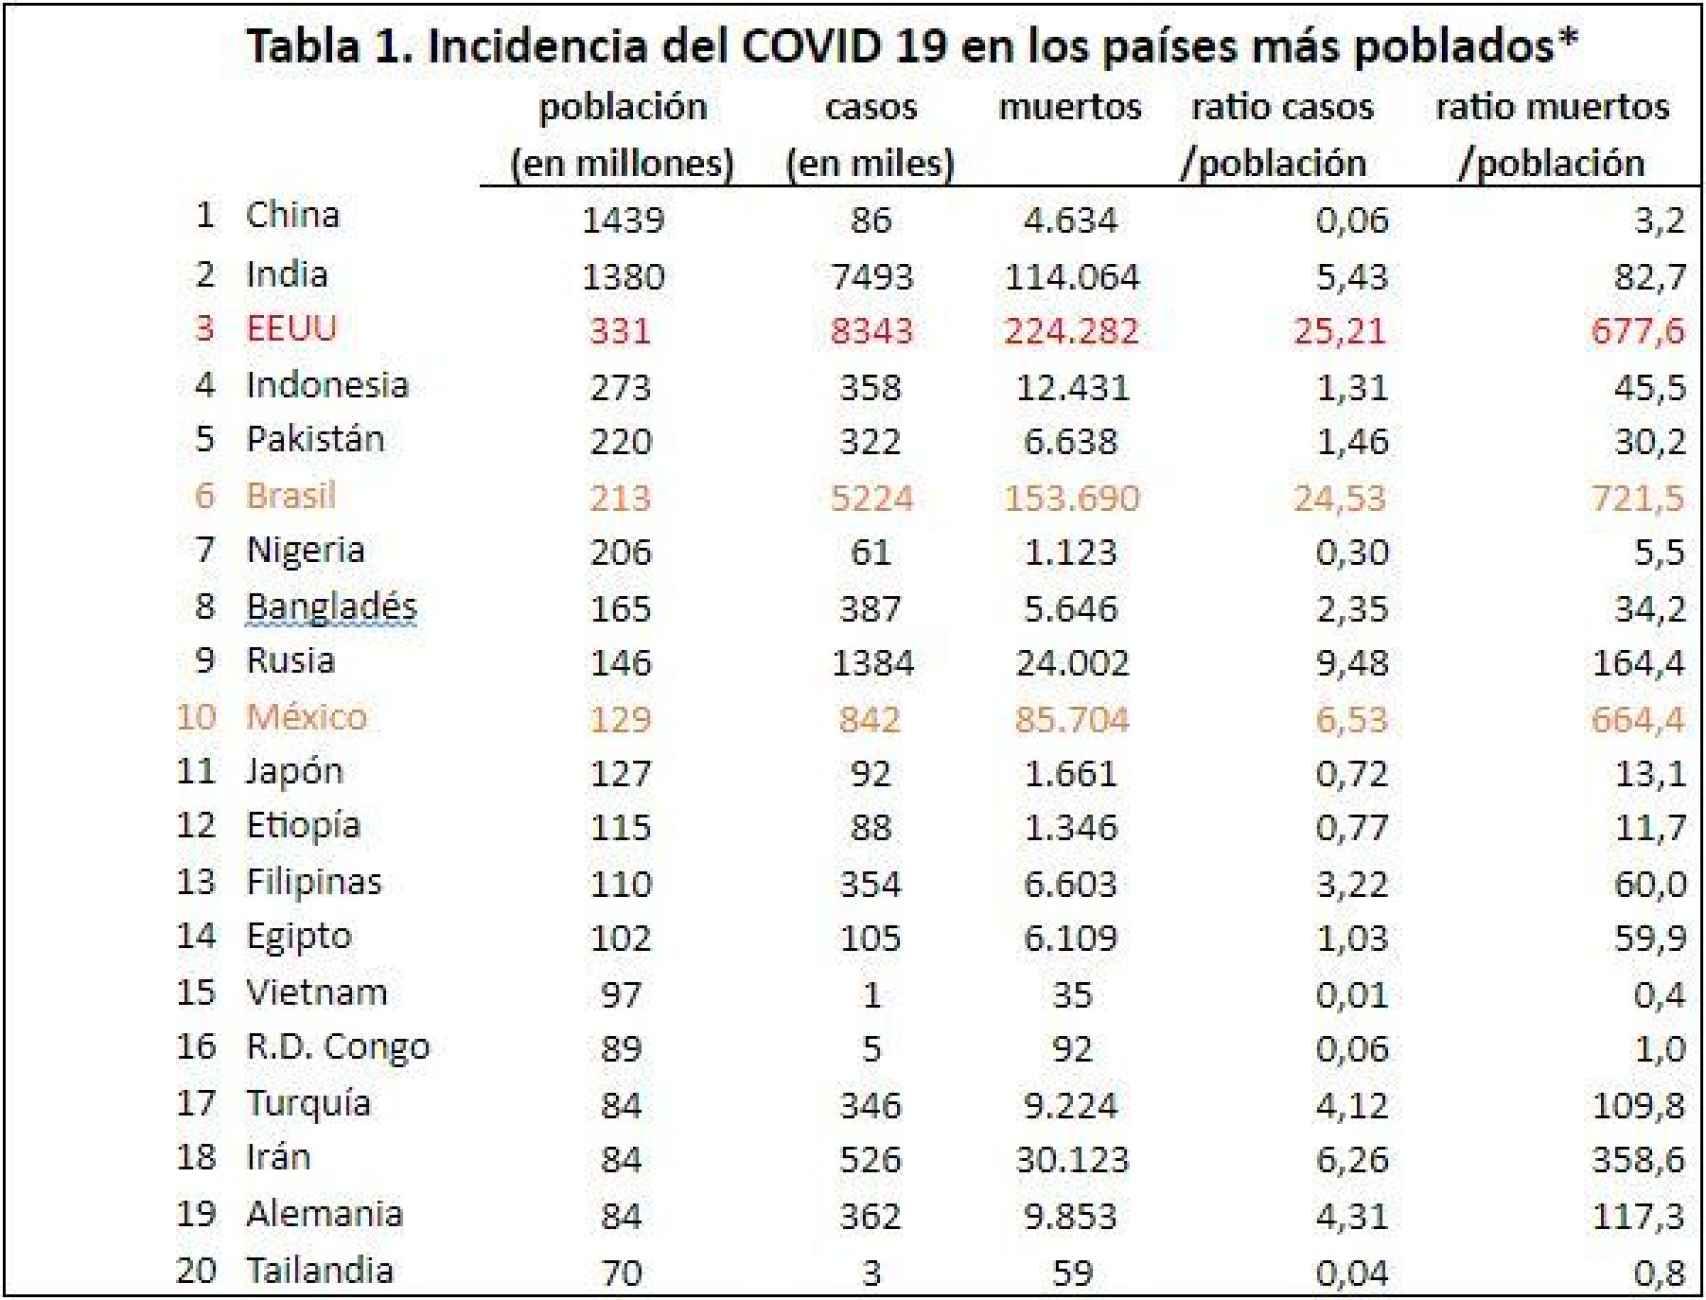 *datos a 17 de octubre / Fuente:  ONU, worldometers y elaboración propia @migsebastiang.